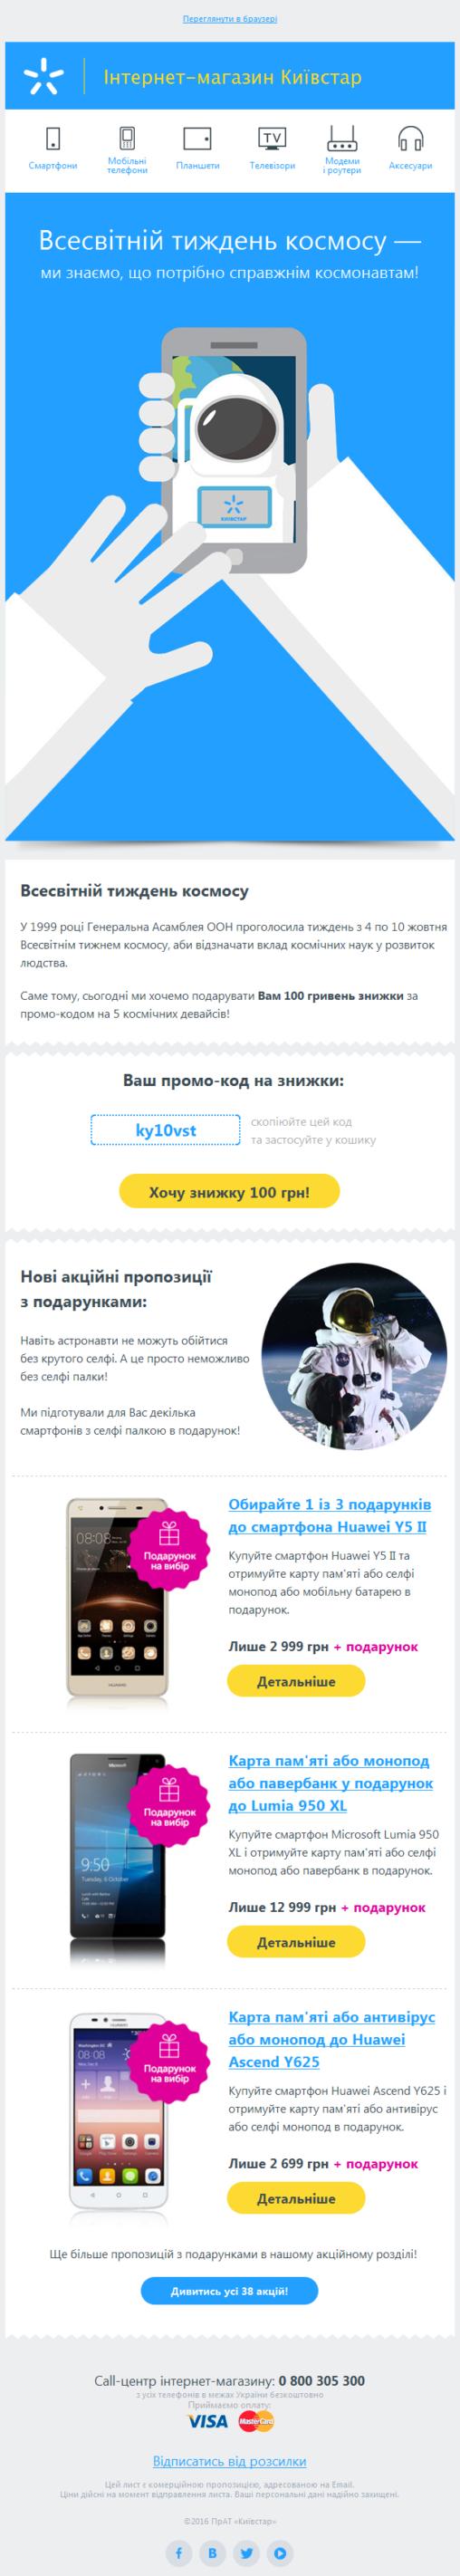 Ми знаємо, що потрібно справжнім космонавтам!